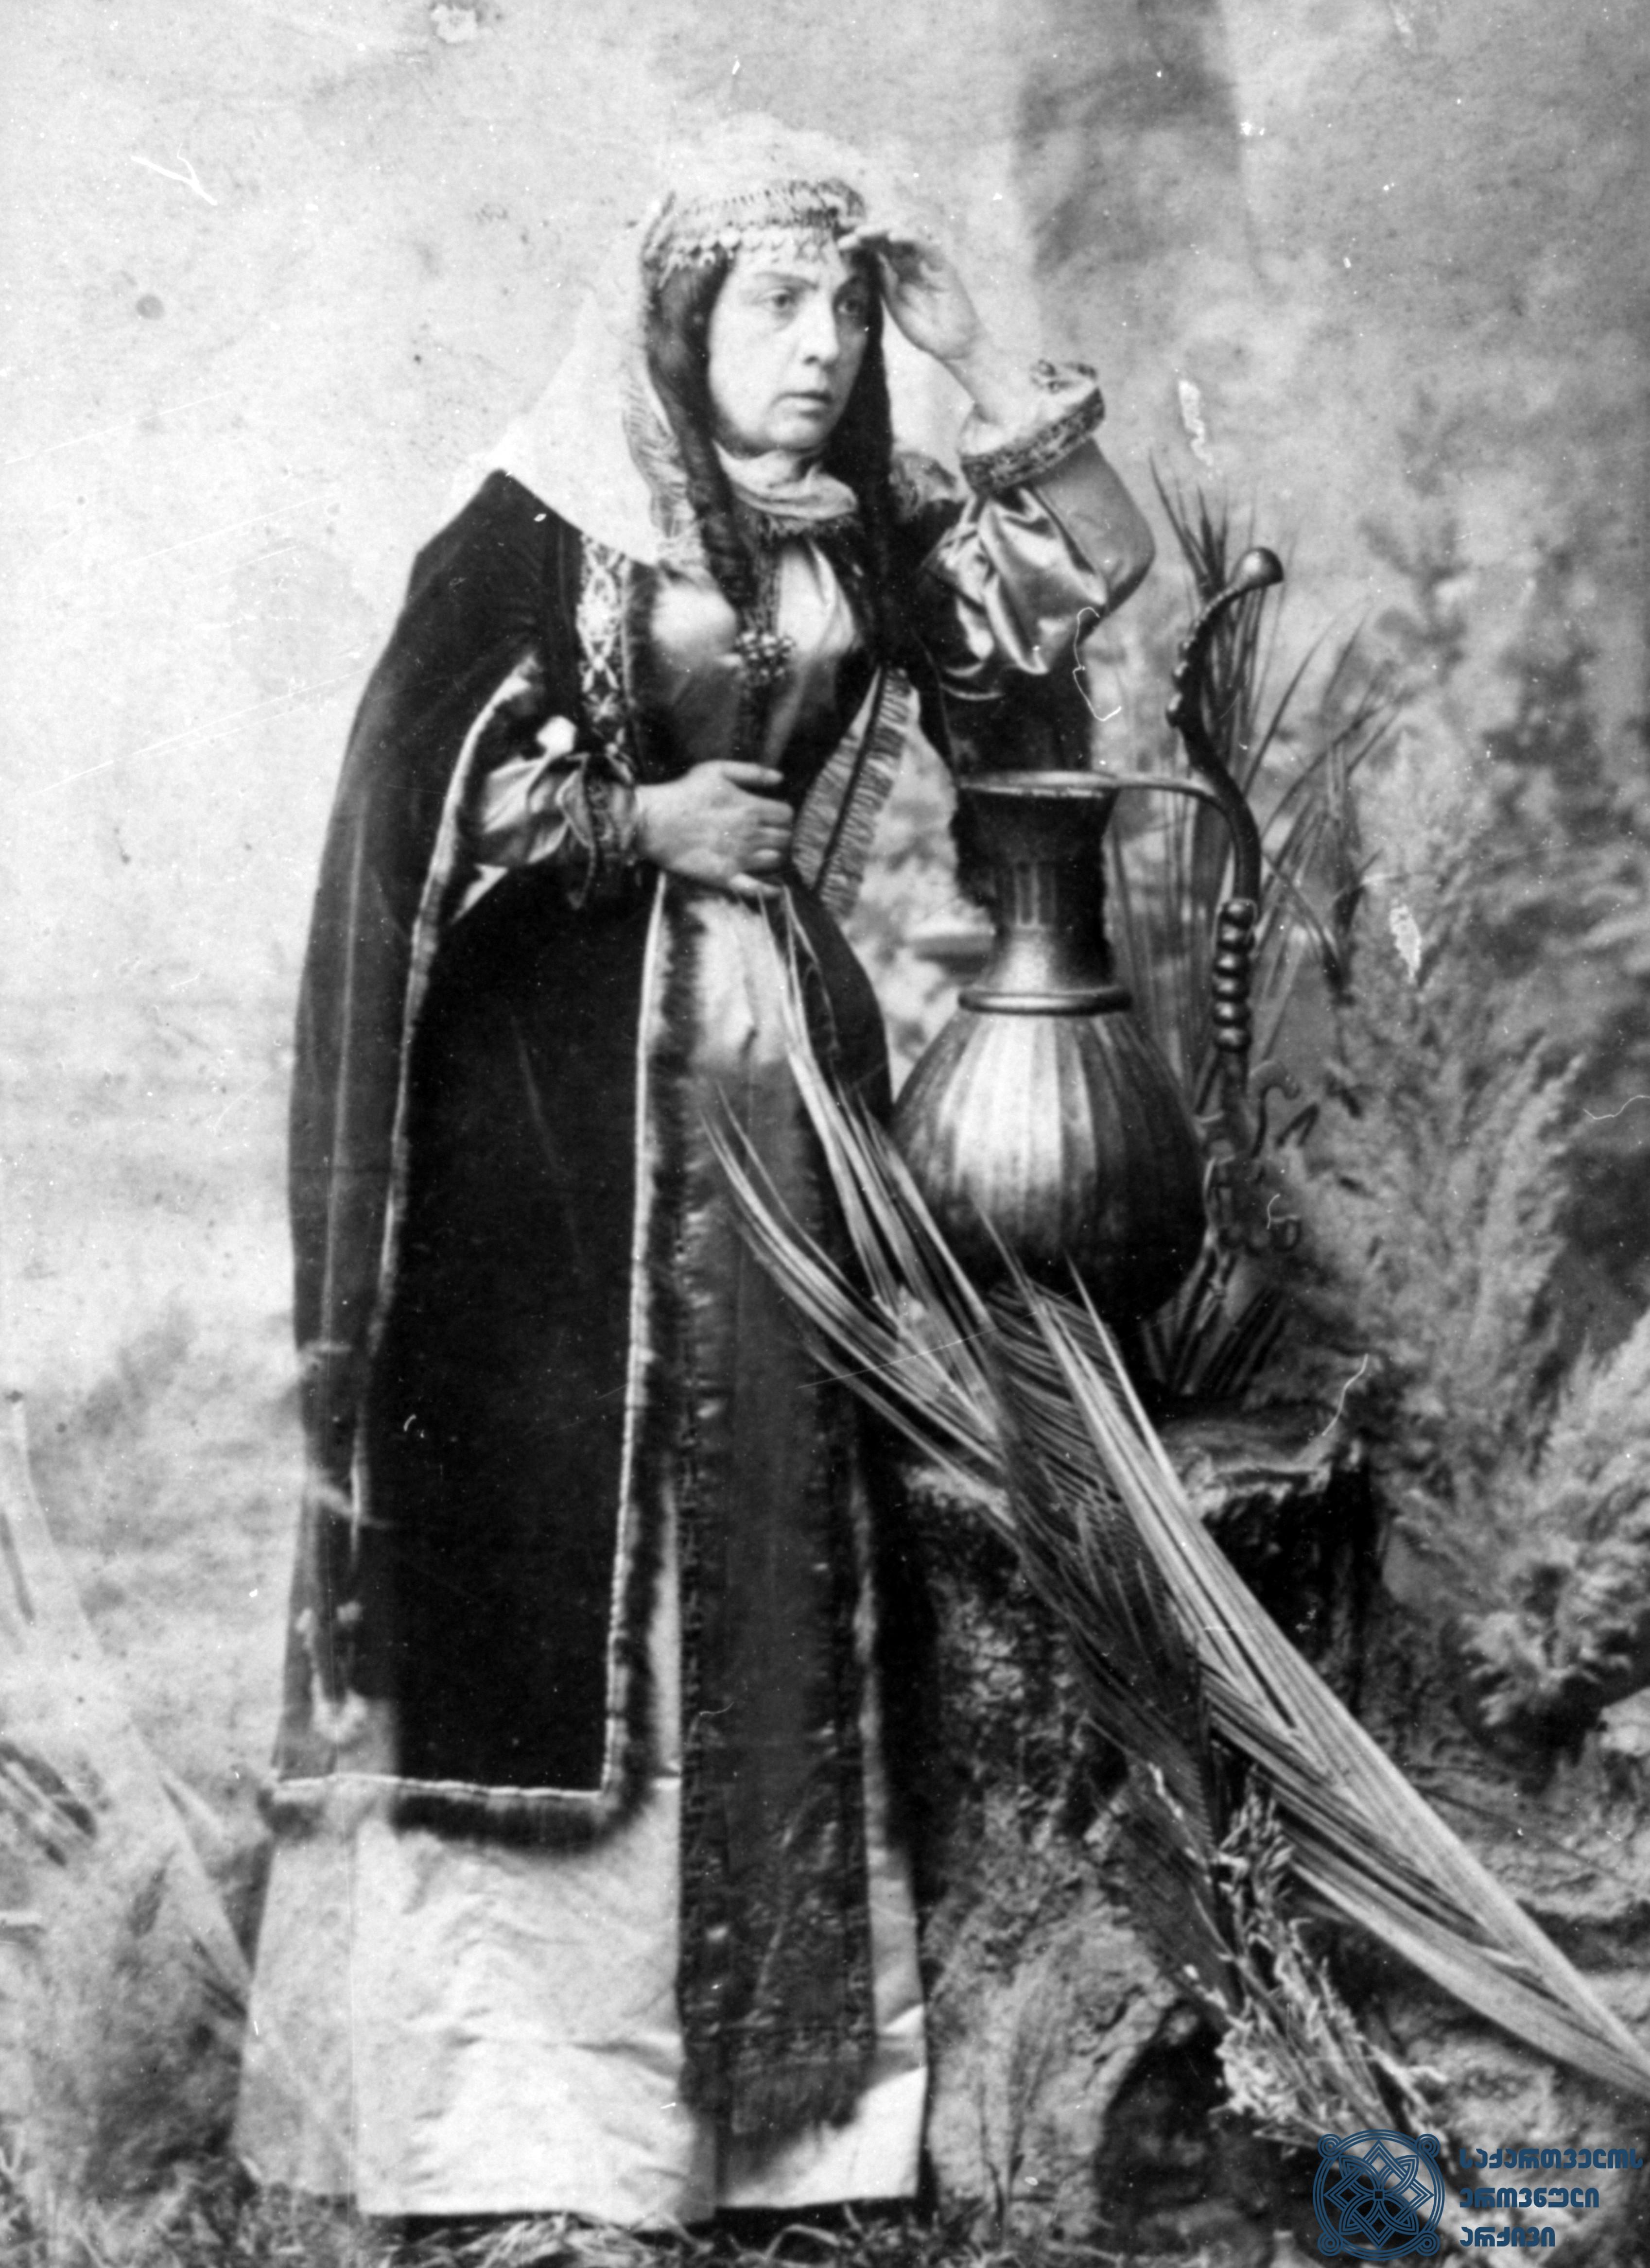 """სპექტაკლი """"ქეთევან წამებული"""". ქეთევანი – ბაბო ავალიშვილი. <br> 1880-იანი წლები.  <br> The performance """"Ketevan Tsamebuli"""". Babo Avalishvili as Ketevan.<br> 1880s."""